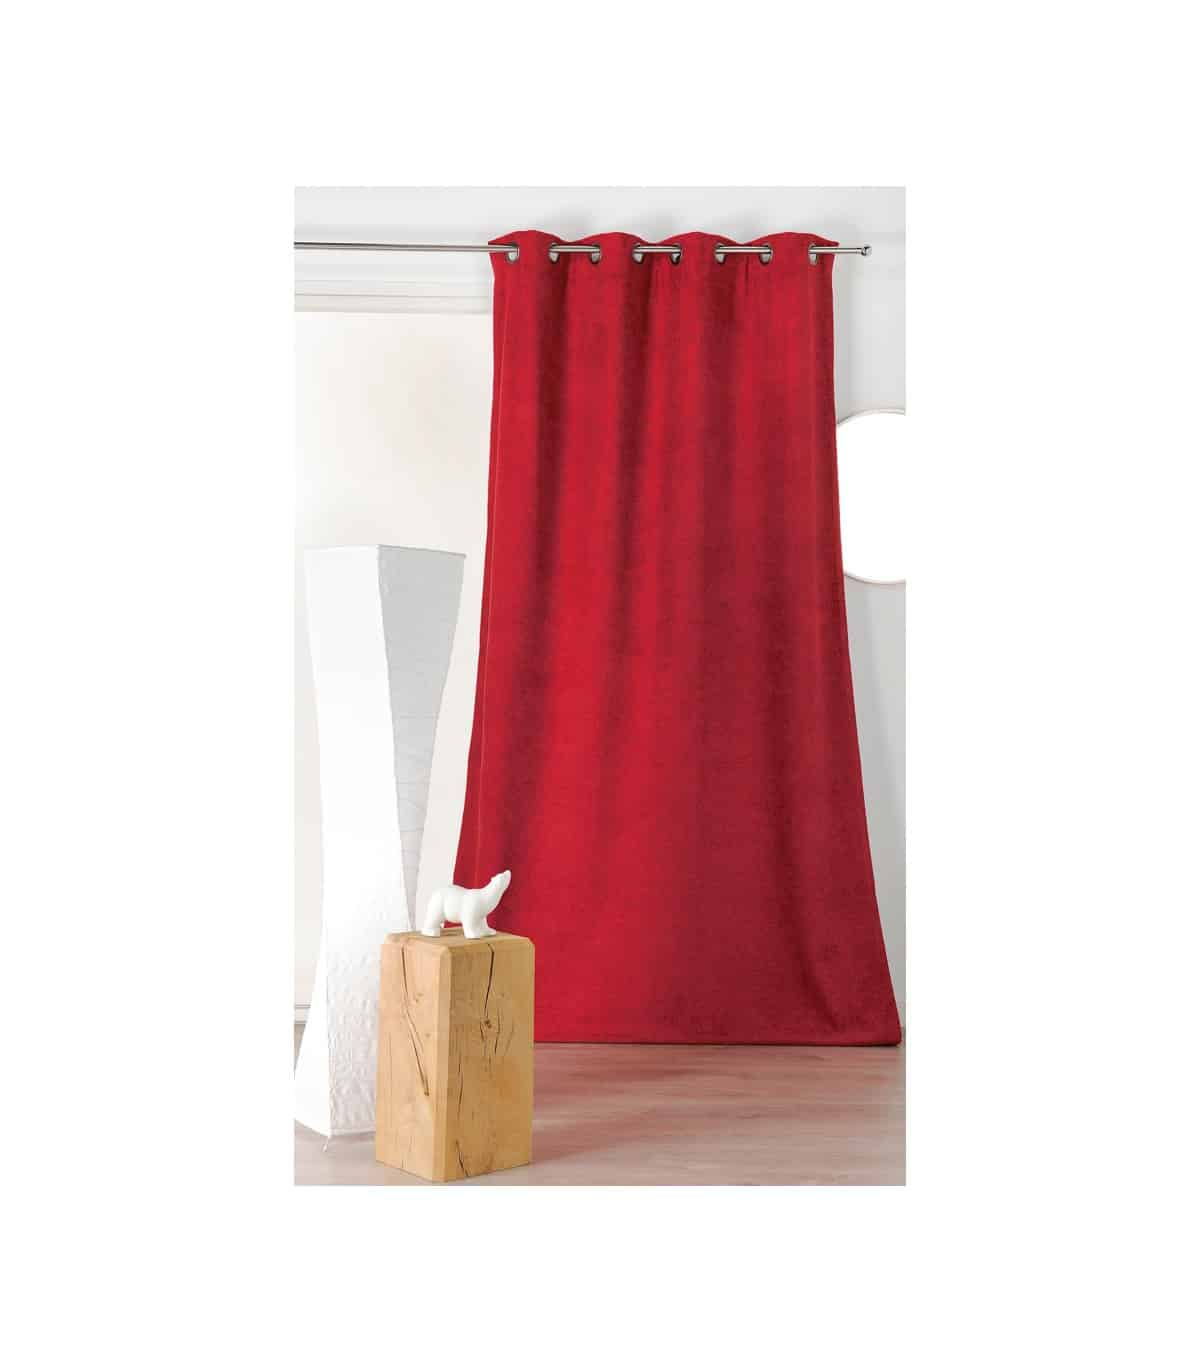 rideau isolant et phonique velours rouge